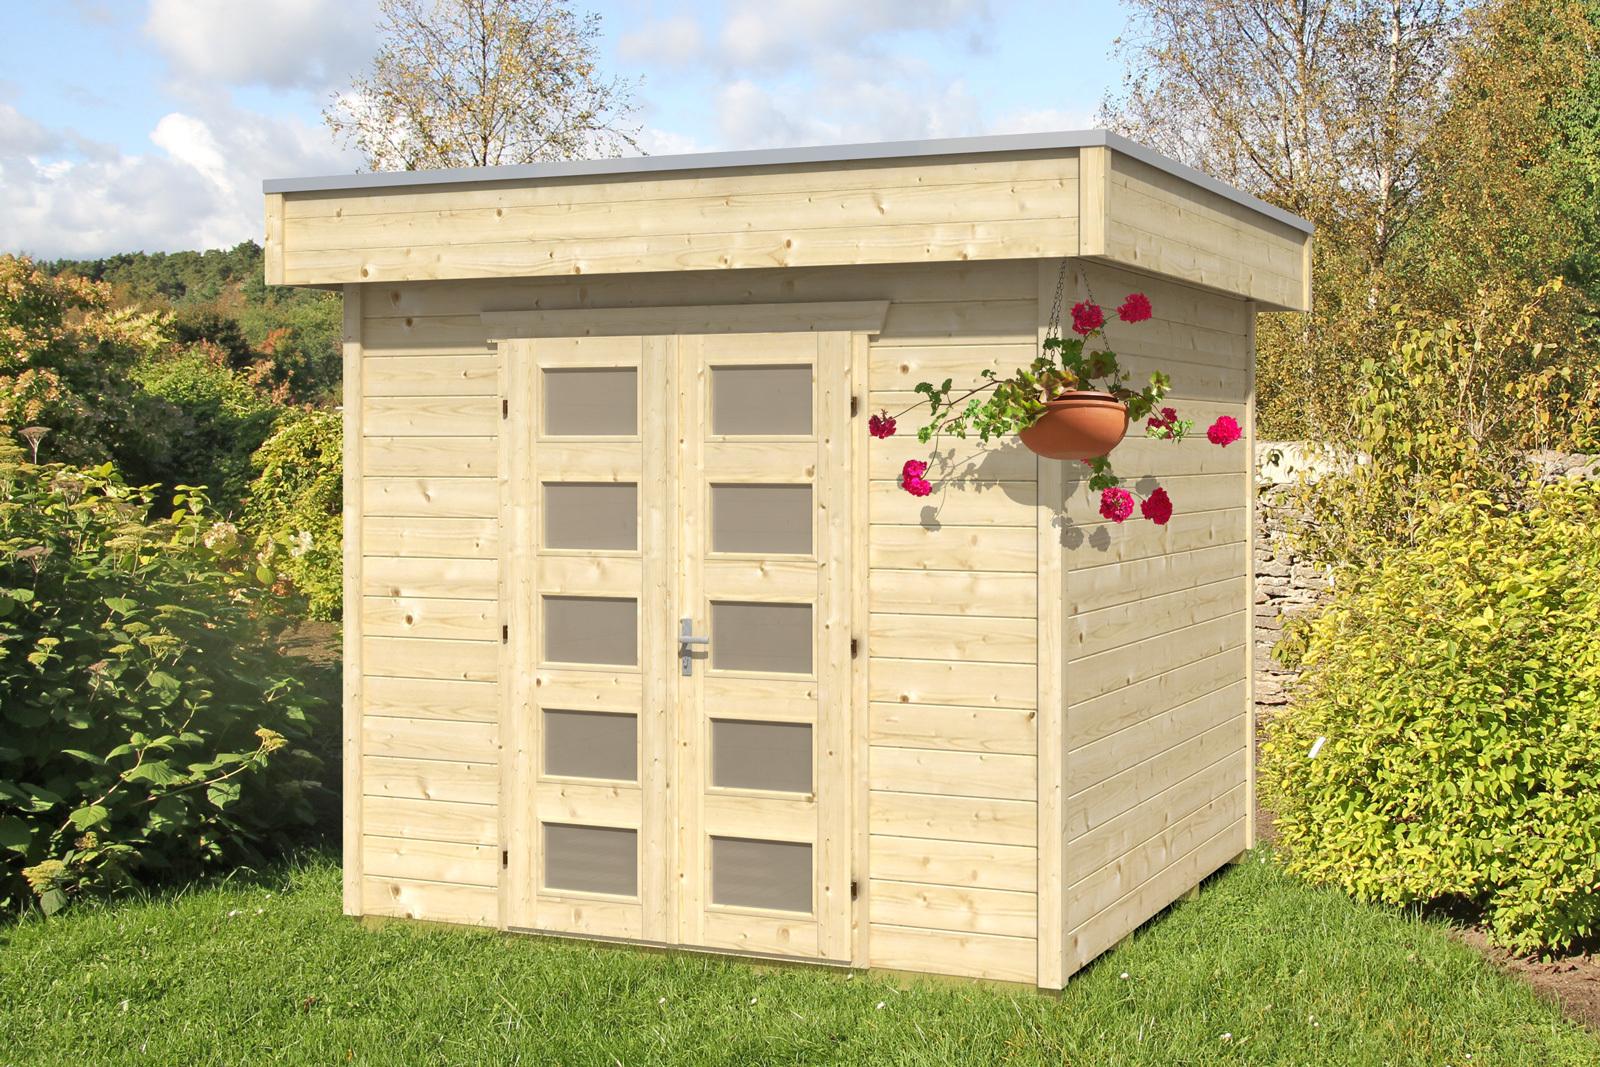 log cabin roof modern elten garden house wood shop. Black Bedroom Furniture Sets. Home Design Ideas